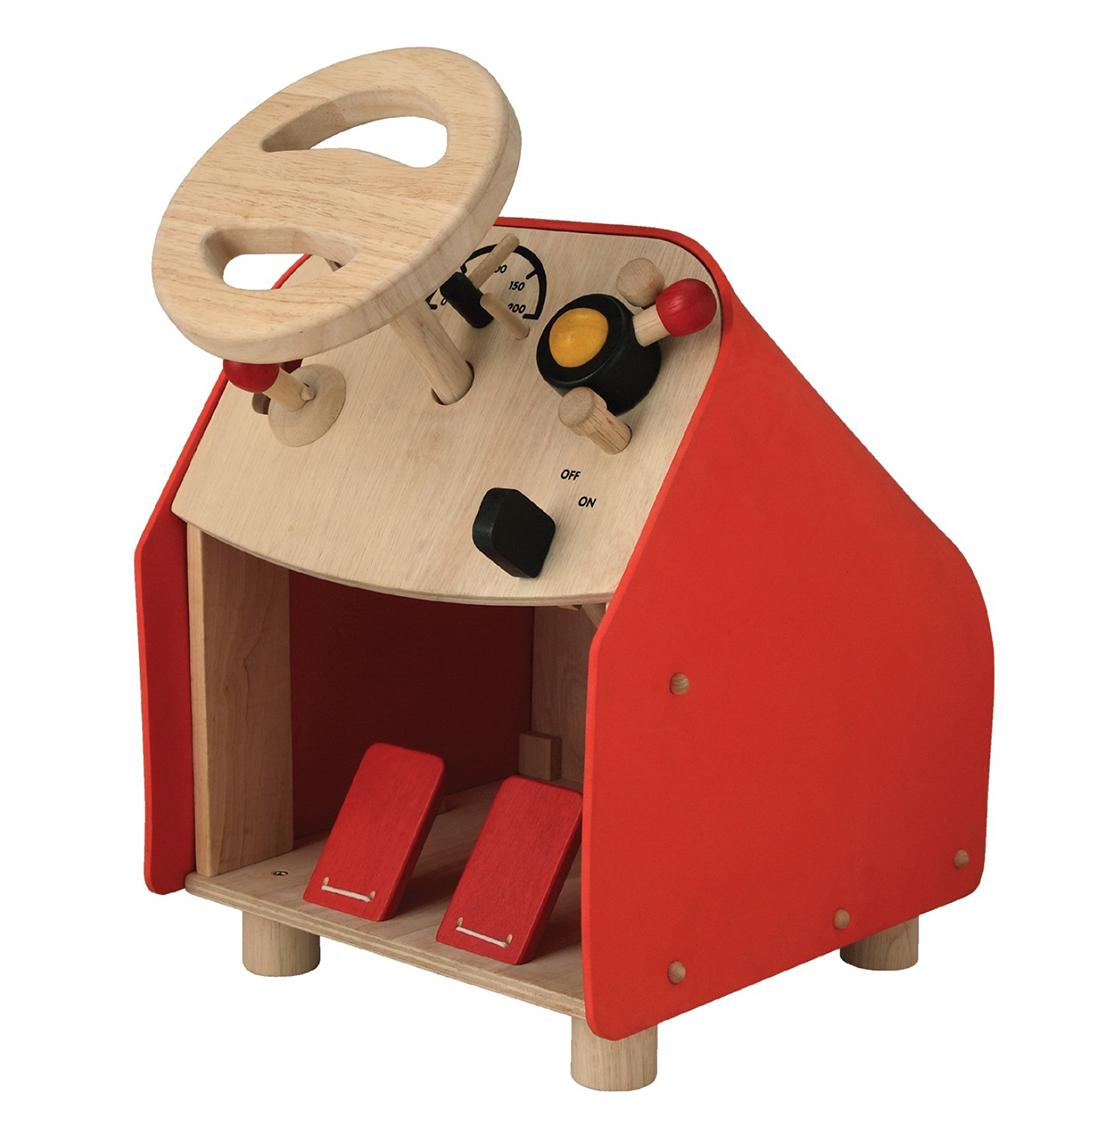 木製の乗用玩具(乗り物おもちゃ) PLANTOYS(プラントイ) 2775 ドライビングシート 木のおもちゃ 子供 誕生日 PLAN TOYS プラントイ 知育玩具木製 木のおもちゃ 出産祝い 誕生日 赤ちゃん 子供